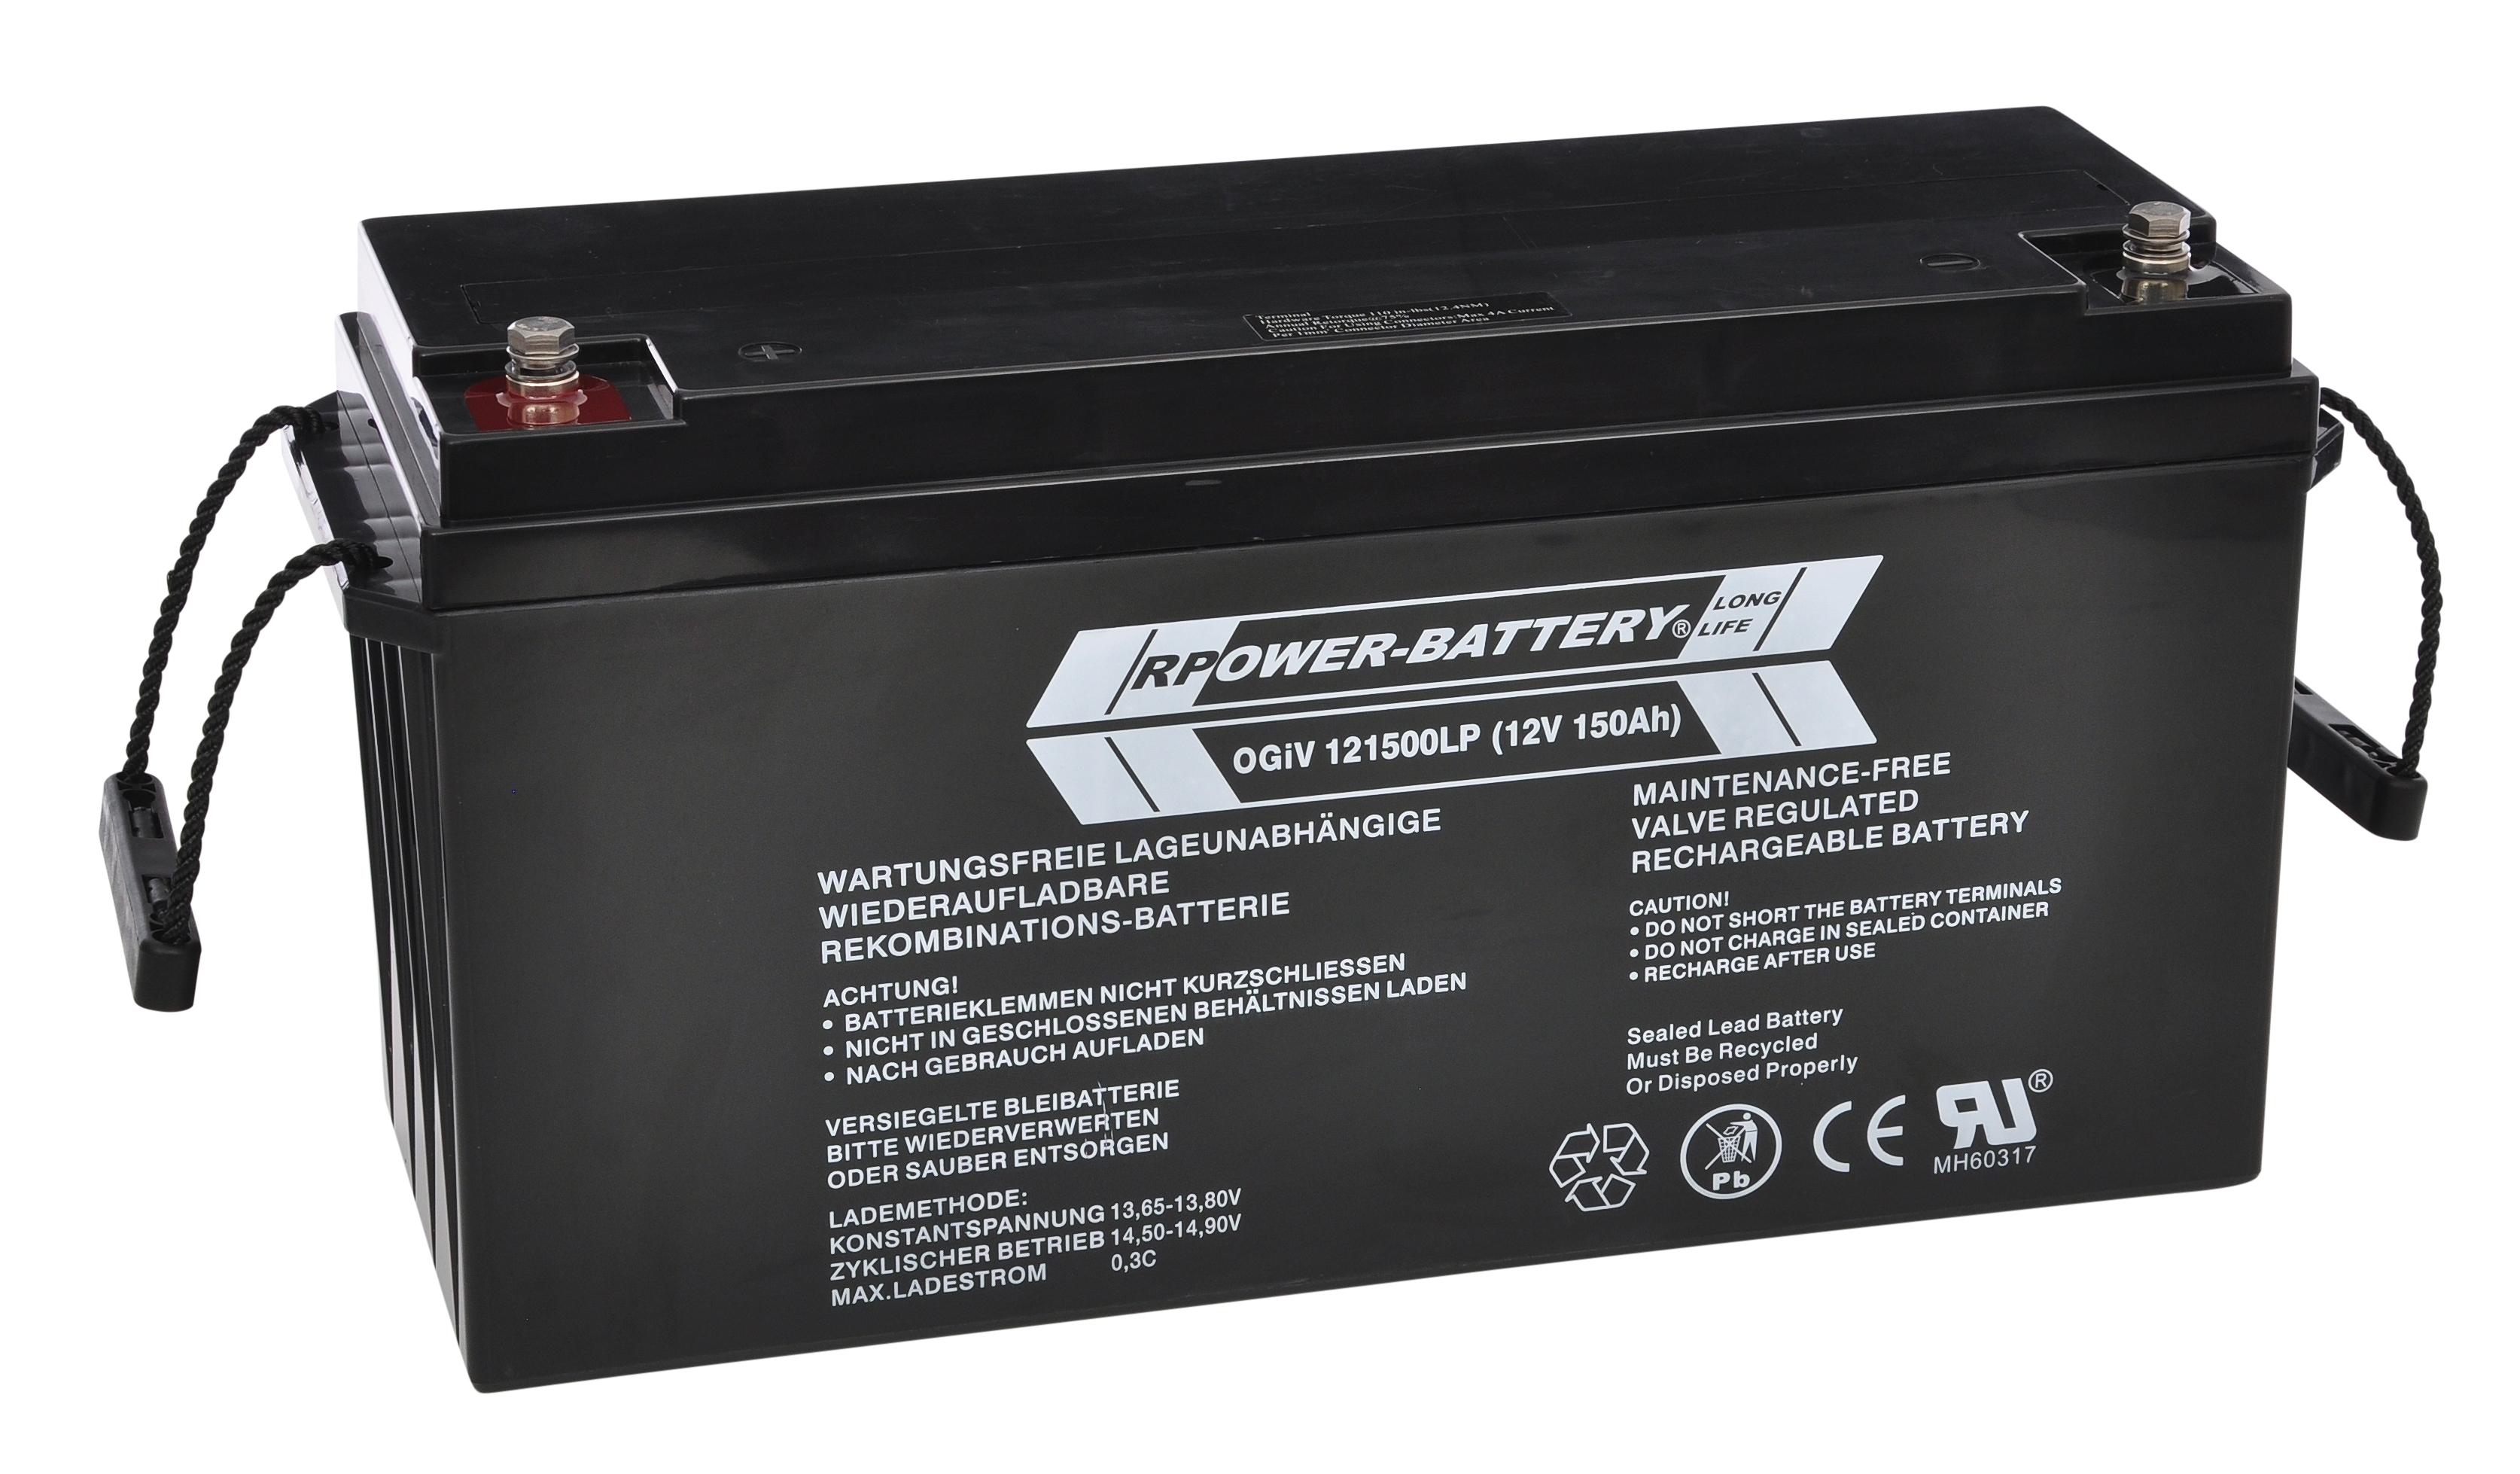 Batterie RPower OGiV longlife bis 12 Jahre 12V/158Ah (C20)